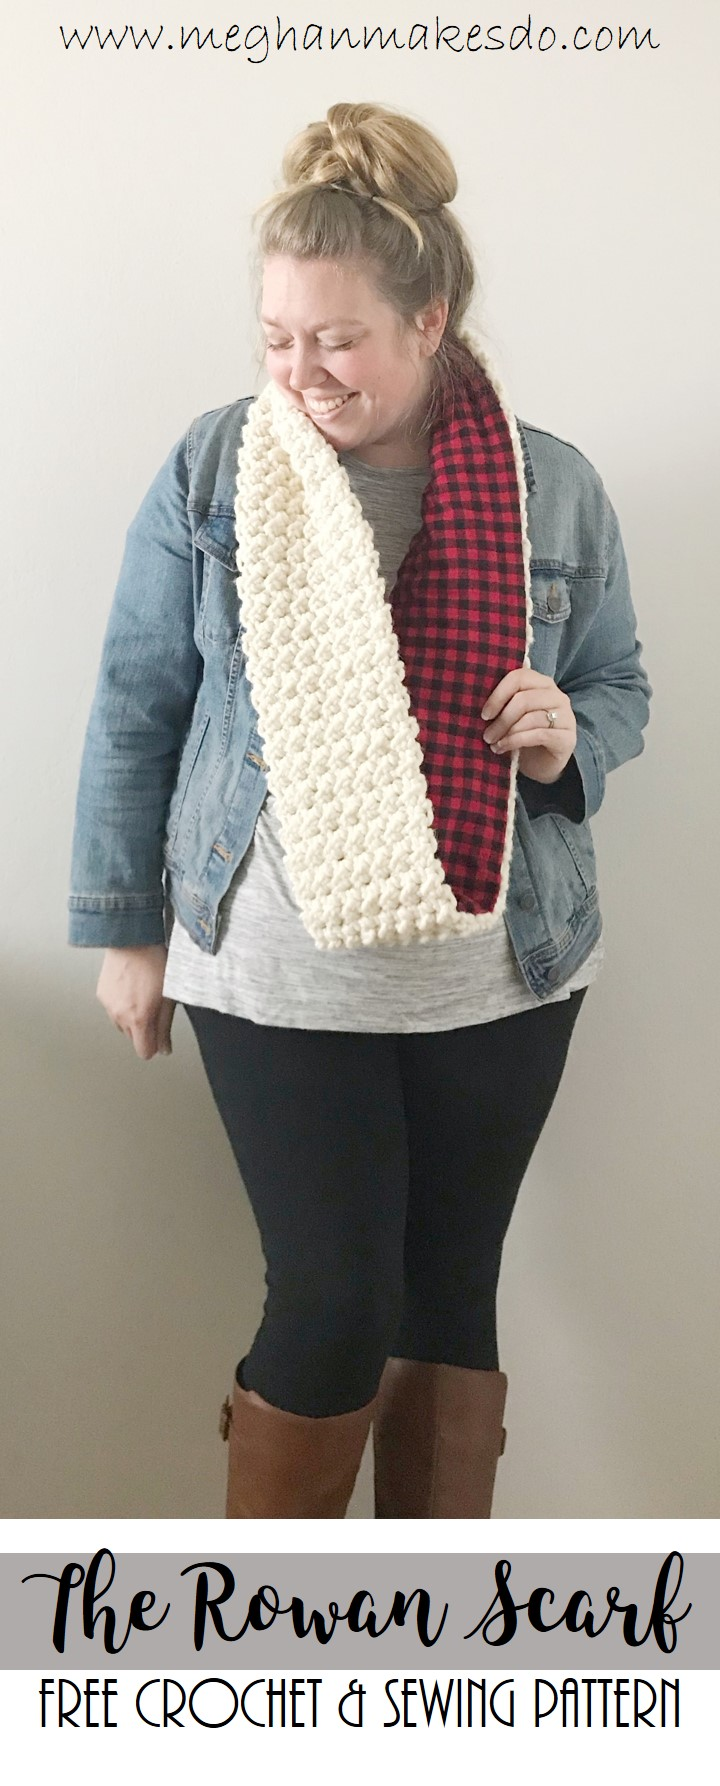 the rowan scarf free crochet pattern